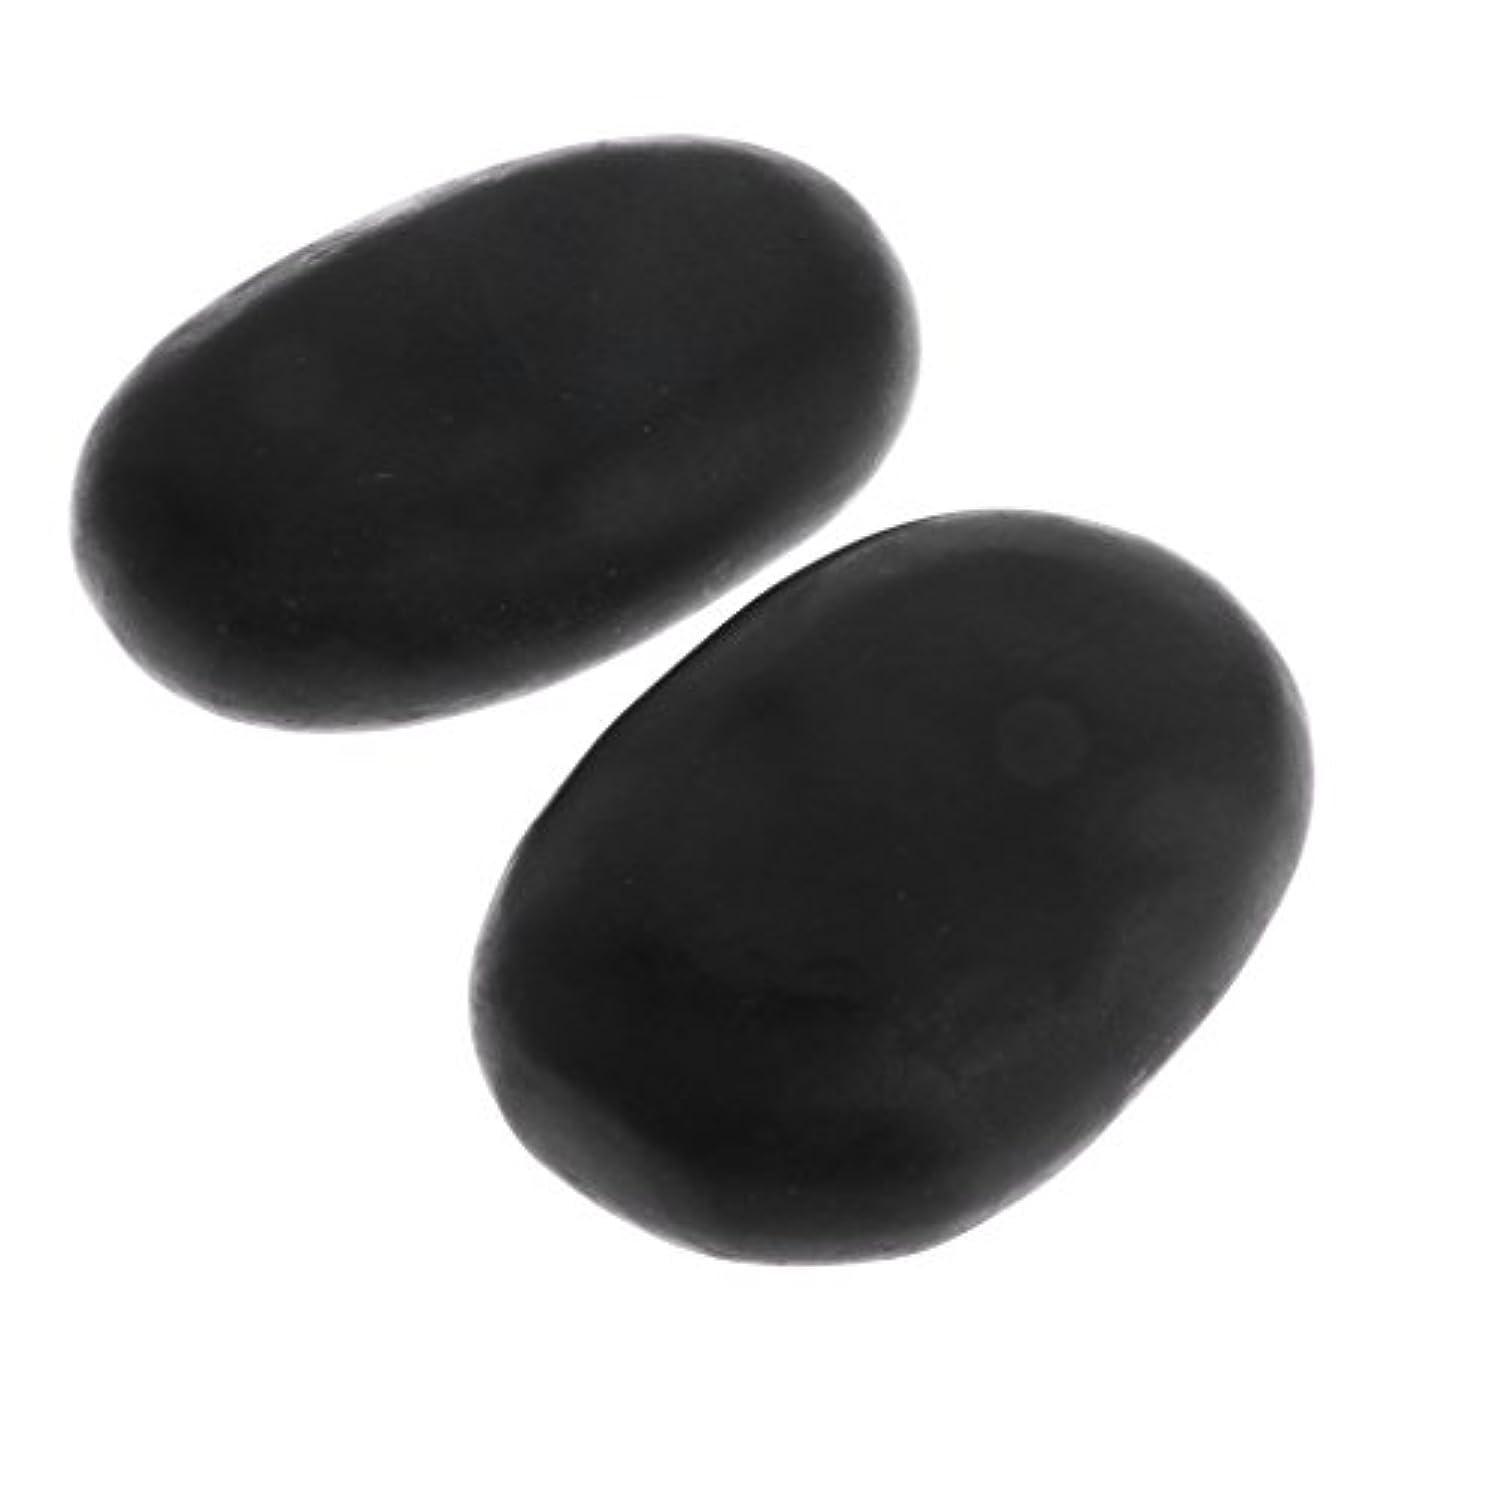 センチメンタル小切手放射能マッサージ石 2個 温泉石 玄武岩 火山石 マッサージ 溶岩 自然石 美容 SPA